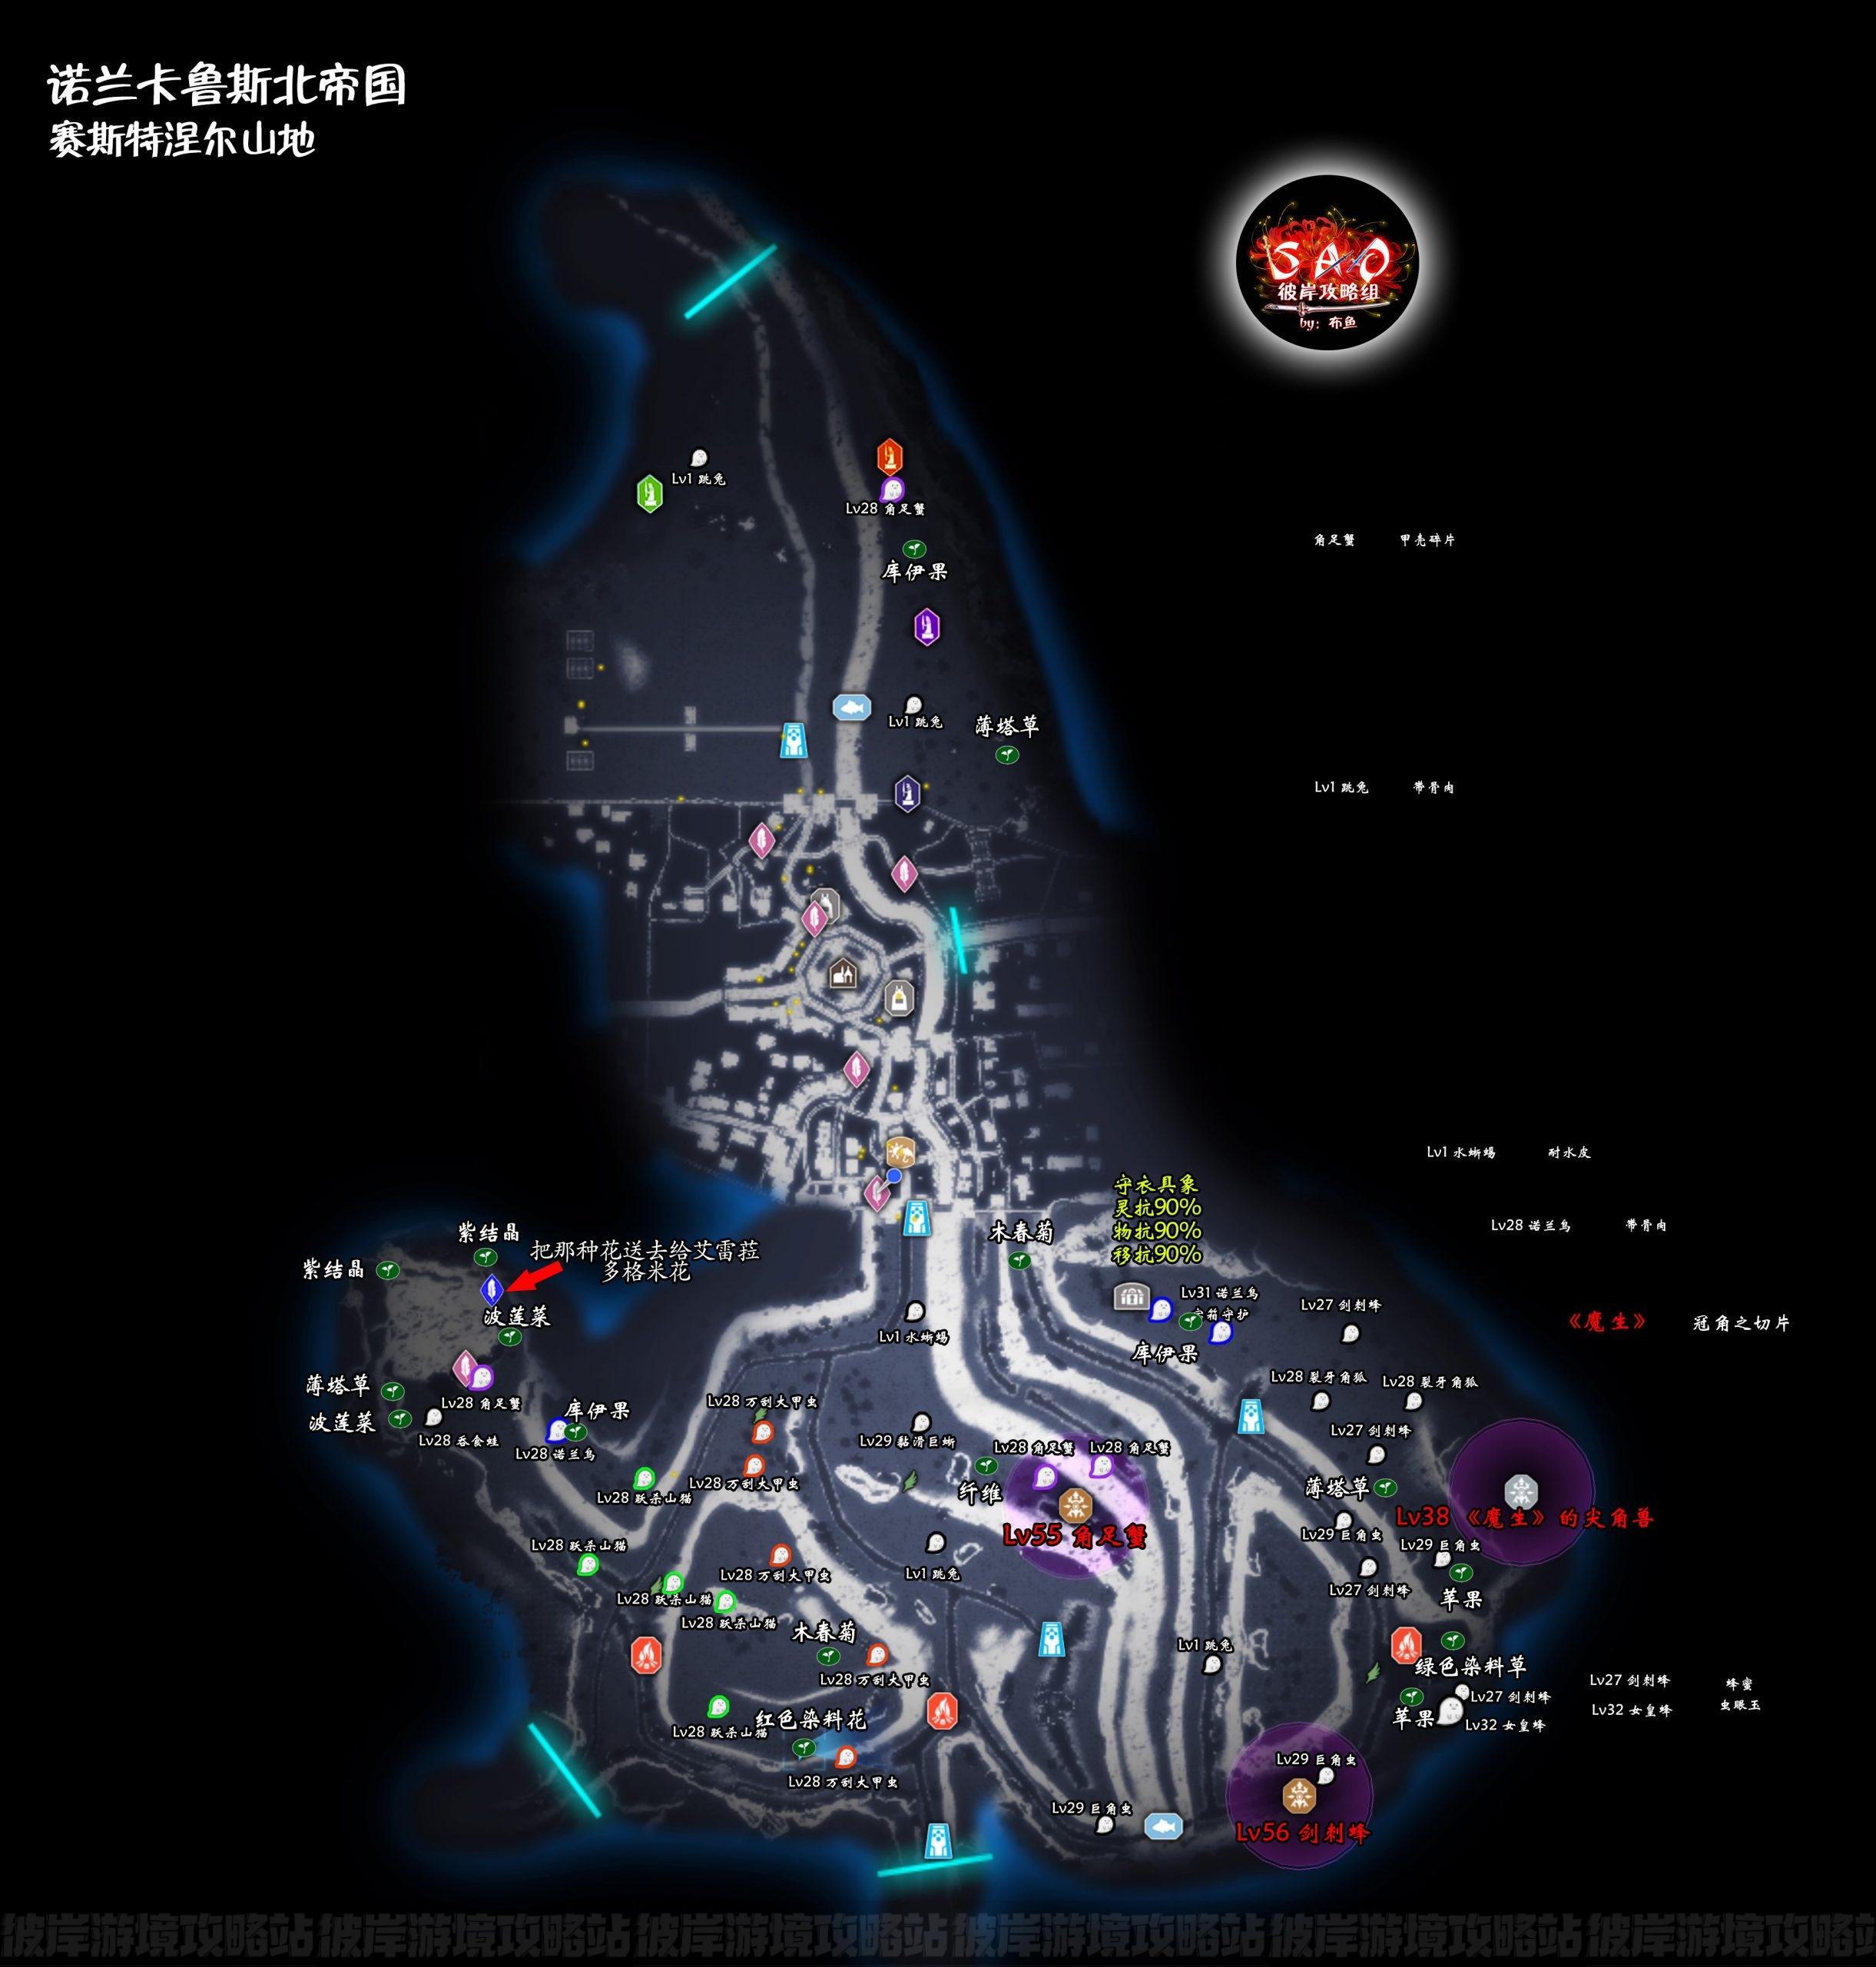 【SAOAL攻略组】超完全流程地图攻略及新手指引-赛斯特涅尔山地篇-刀剑神域彼岸游境攻略站